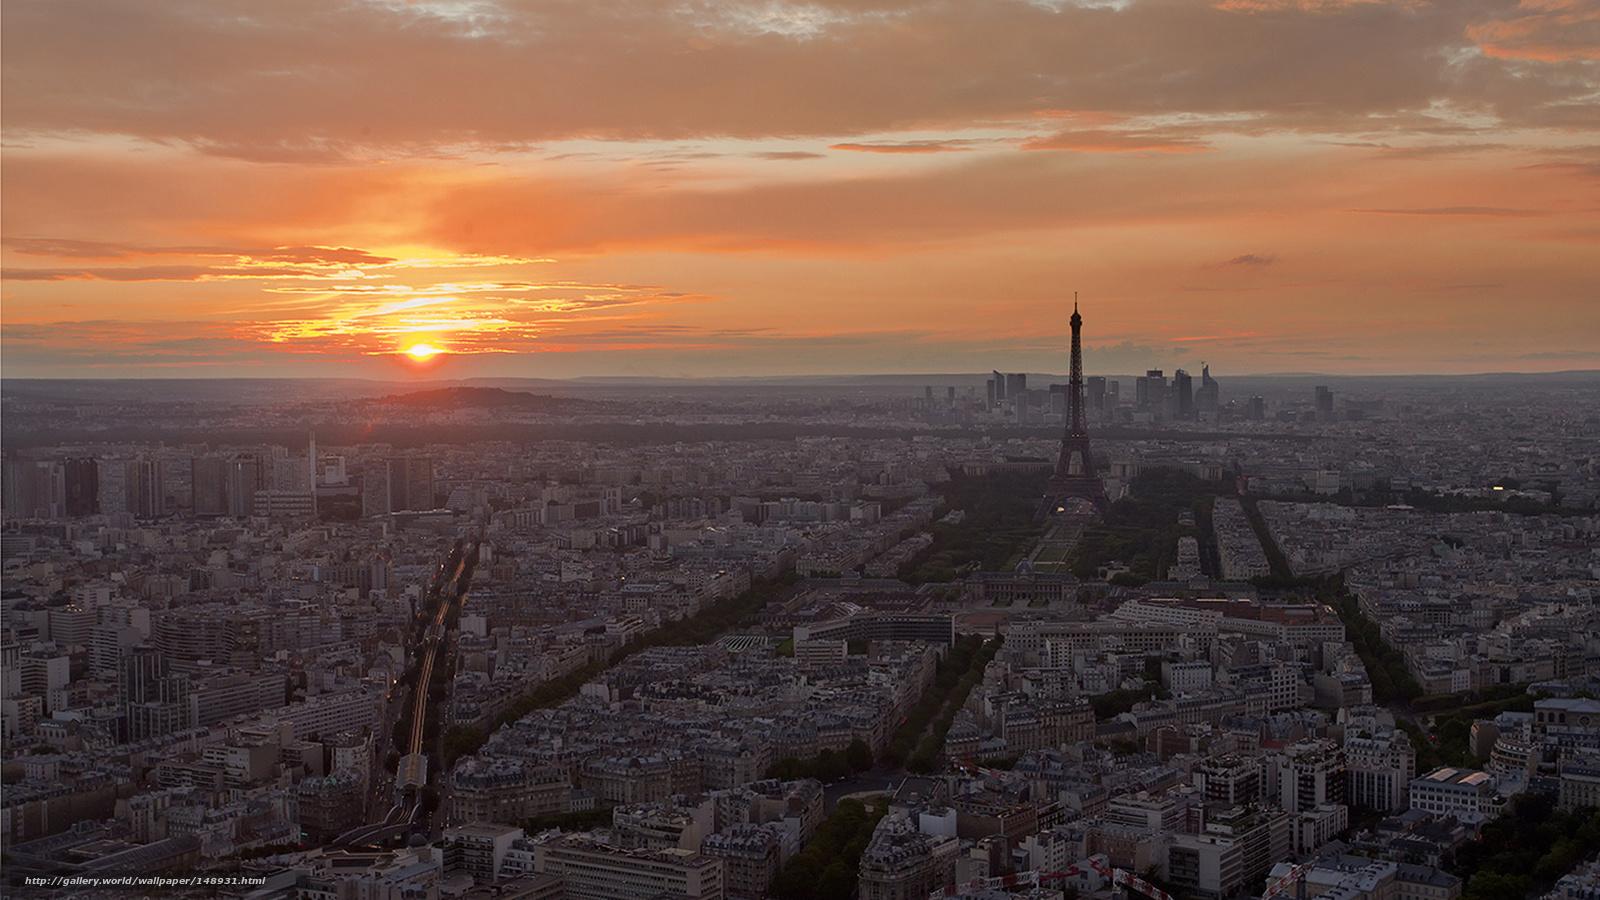 Tlcharger Fond D Ecran Paris Ville Coucher Du Soleil